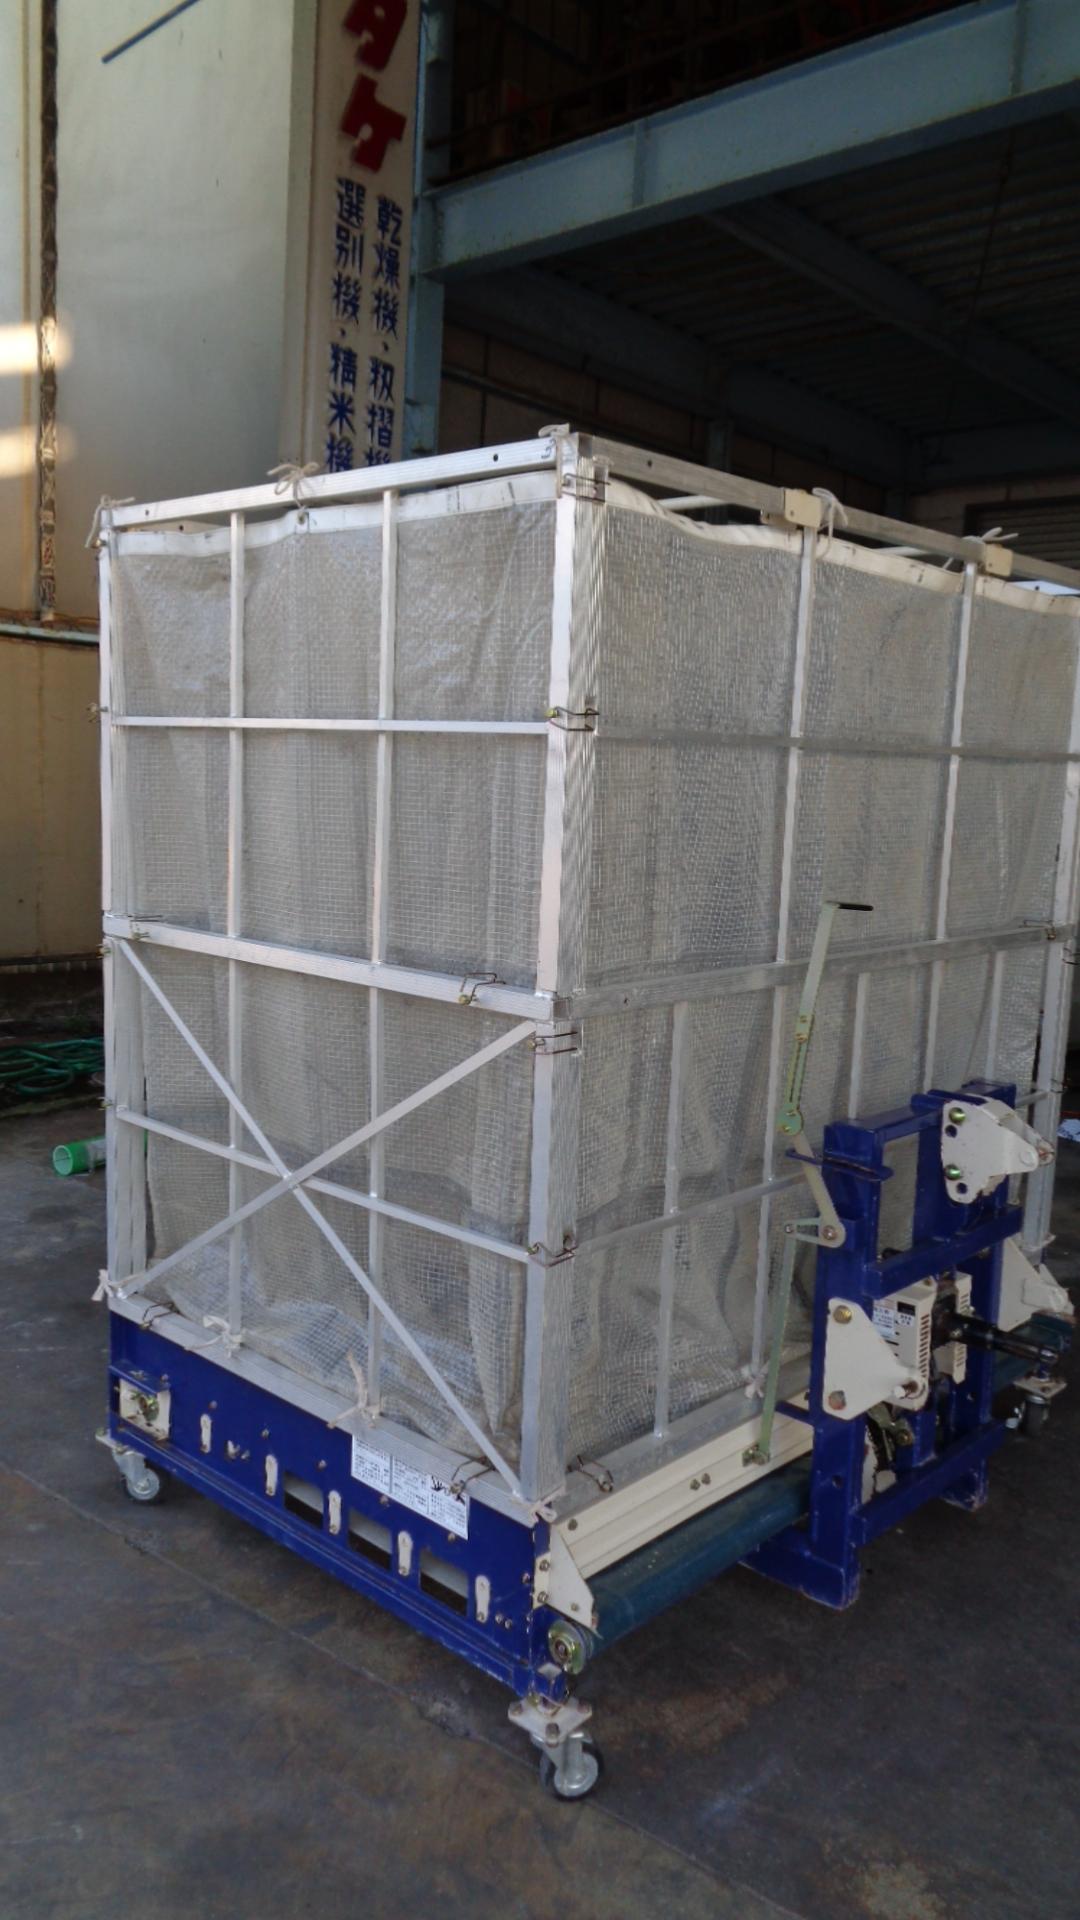 中古籾殻運搬機 熊谷 マイタロー MT25 クボタGL,KL用 天井オープン型